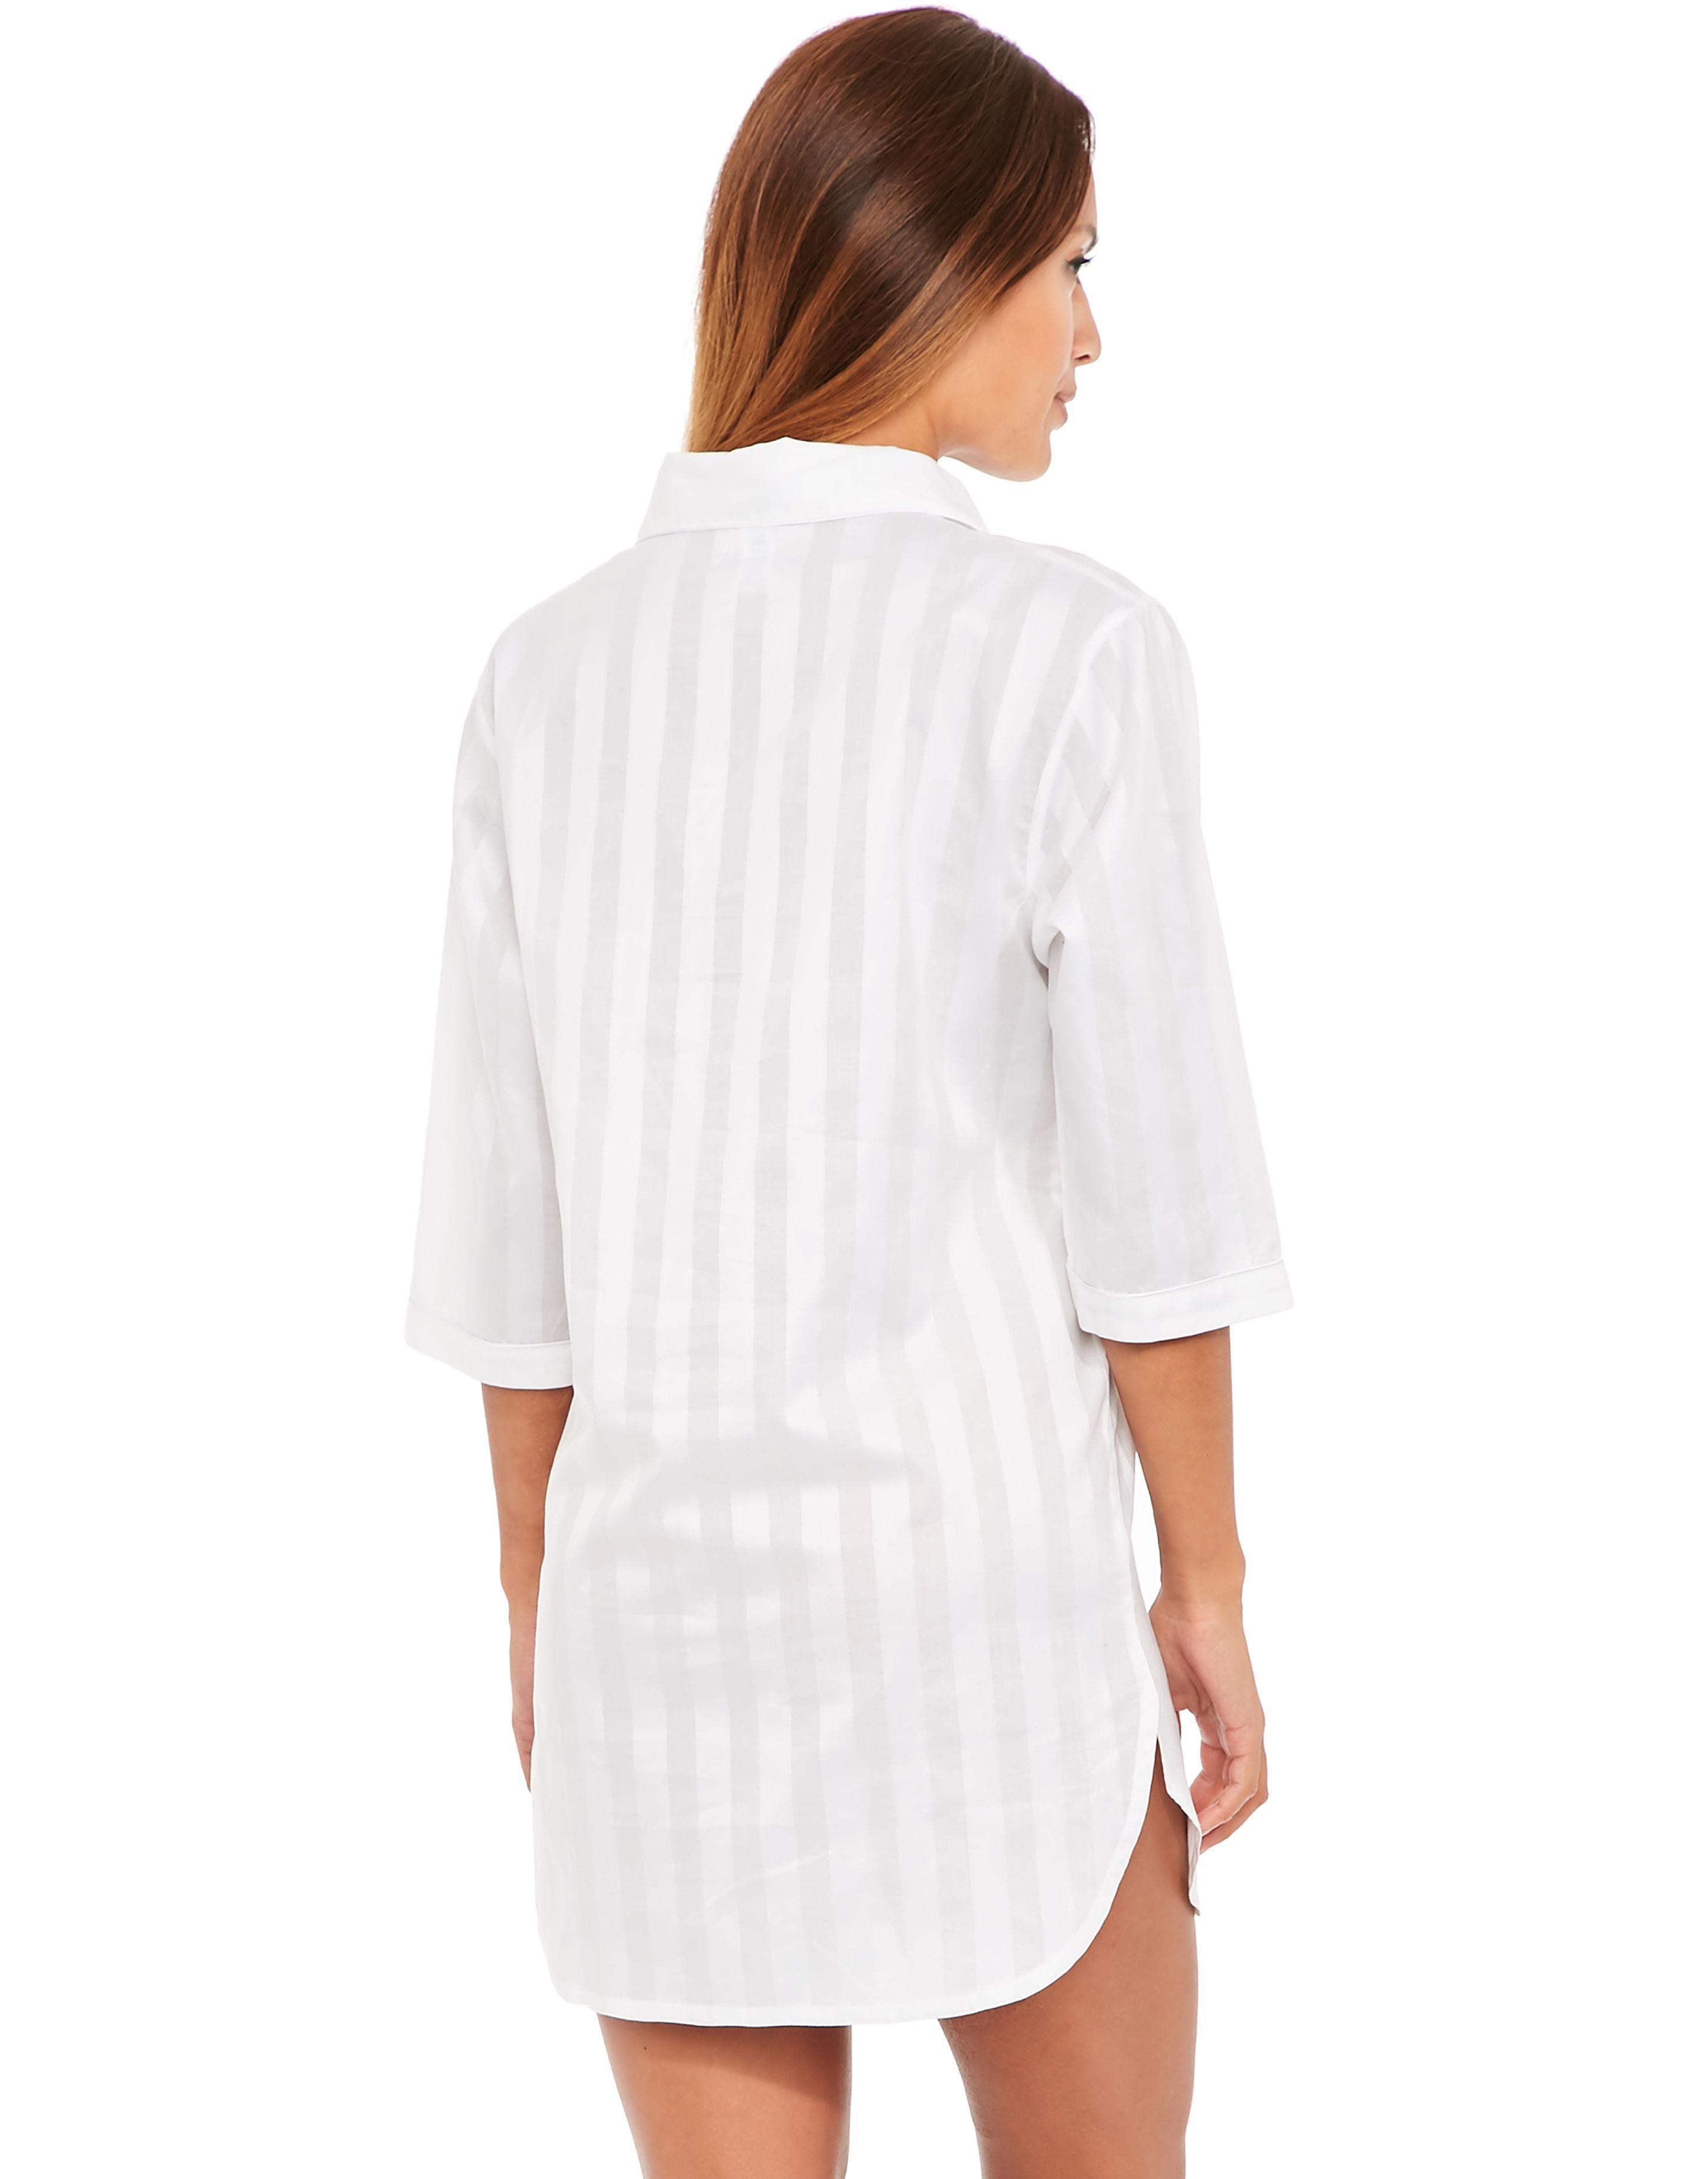 Bodas Cotton Nightwear Nightshirt in White - Lyst 4e514510b